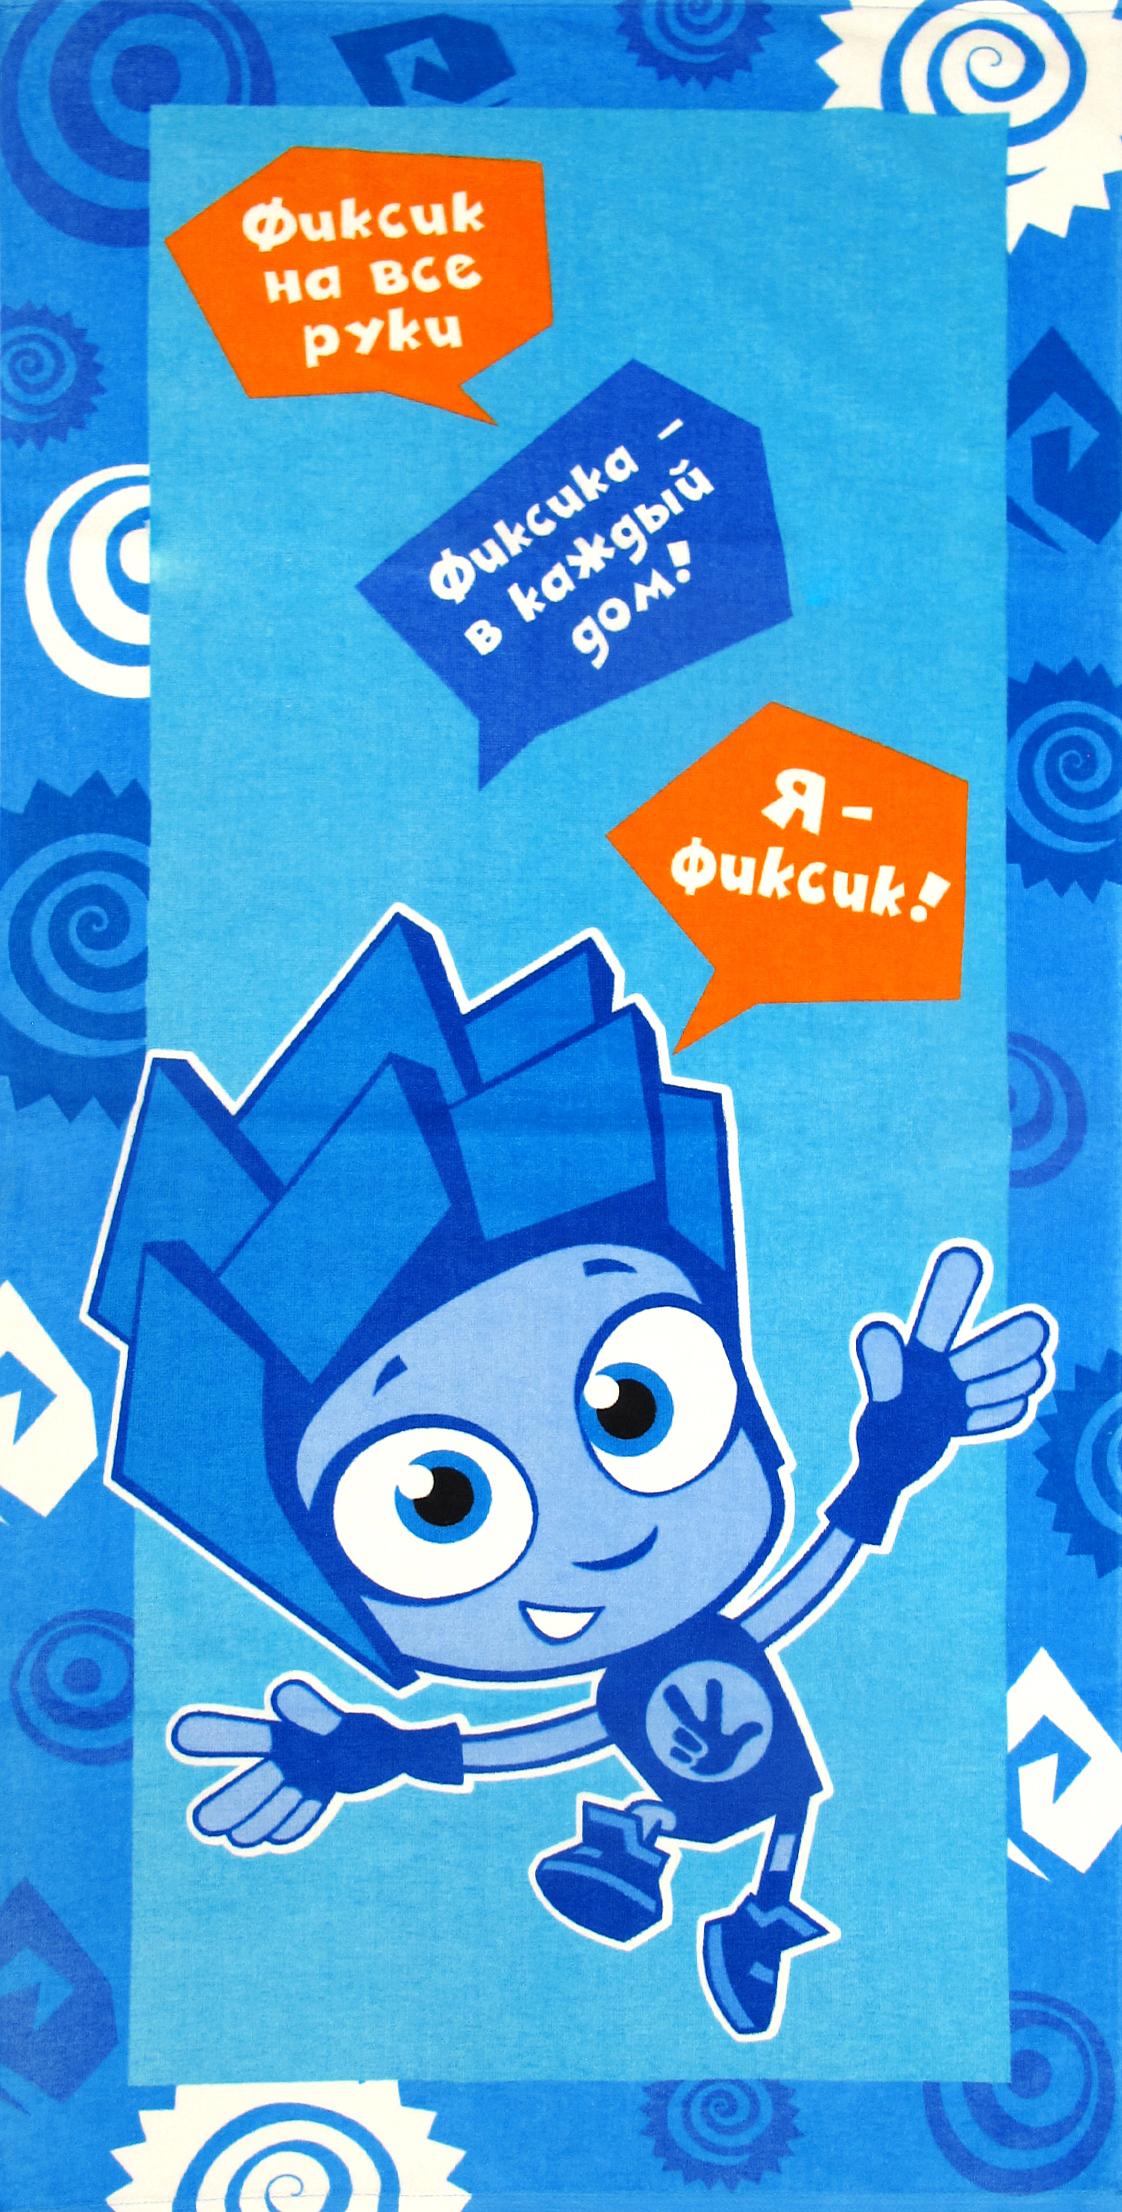 Полотенце махровое Bravo Фиксики. Нолик, цвет: голубой, 33 х 70 см. м1079_01 S полотенце махровое bravo фиксики нолик цвет голубой 60 х 120 см м1079 01 m